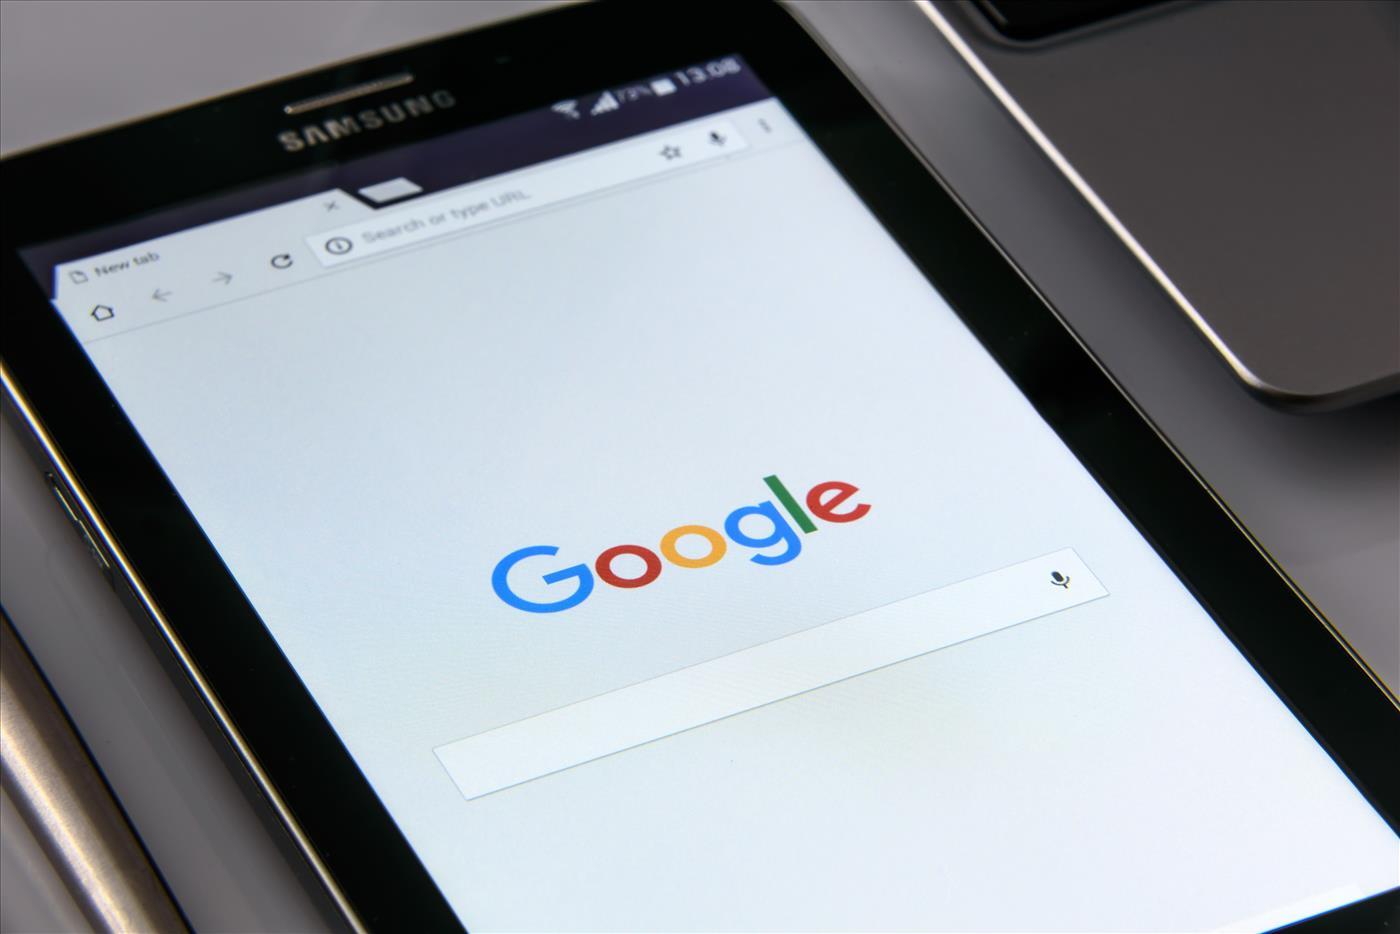 גוגל נגד וואווי - כל מה שצריך לדעת